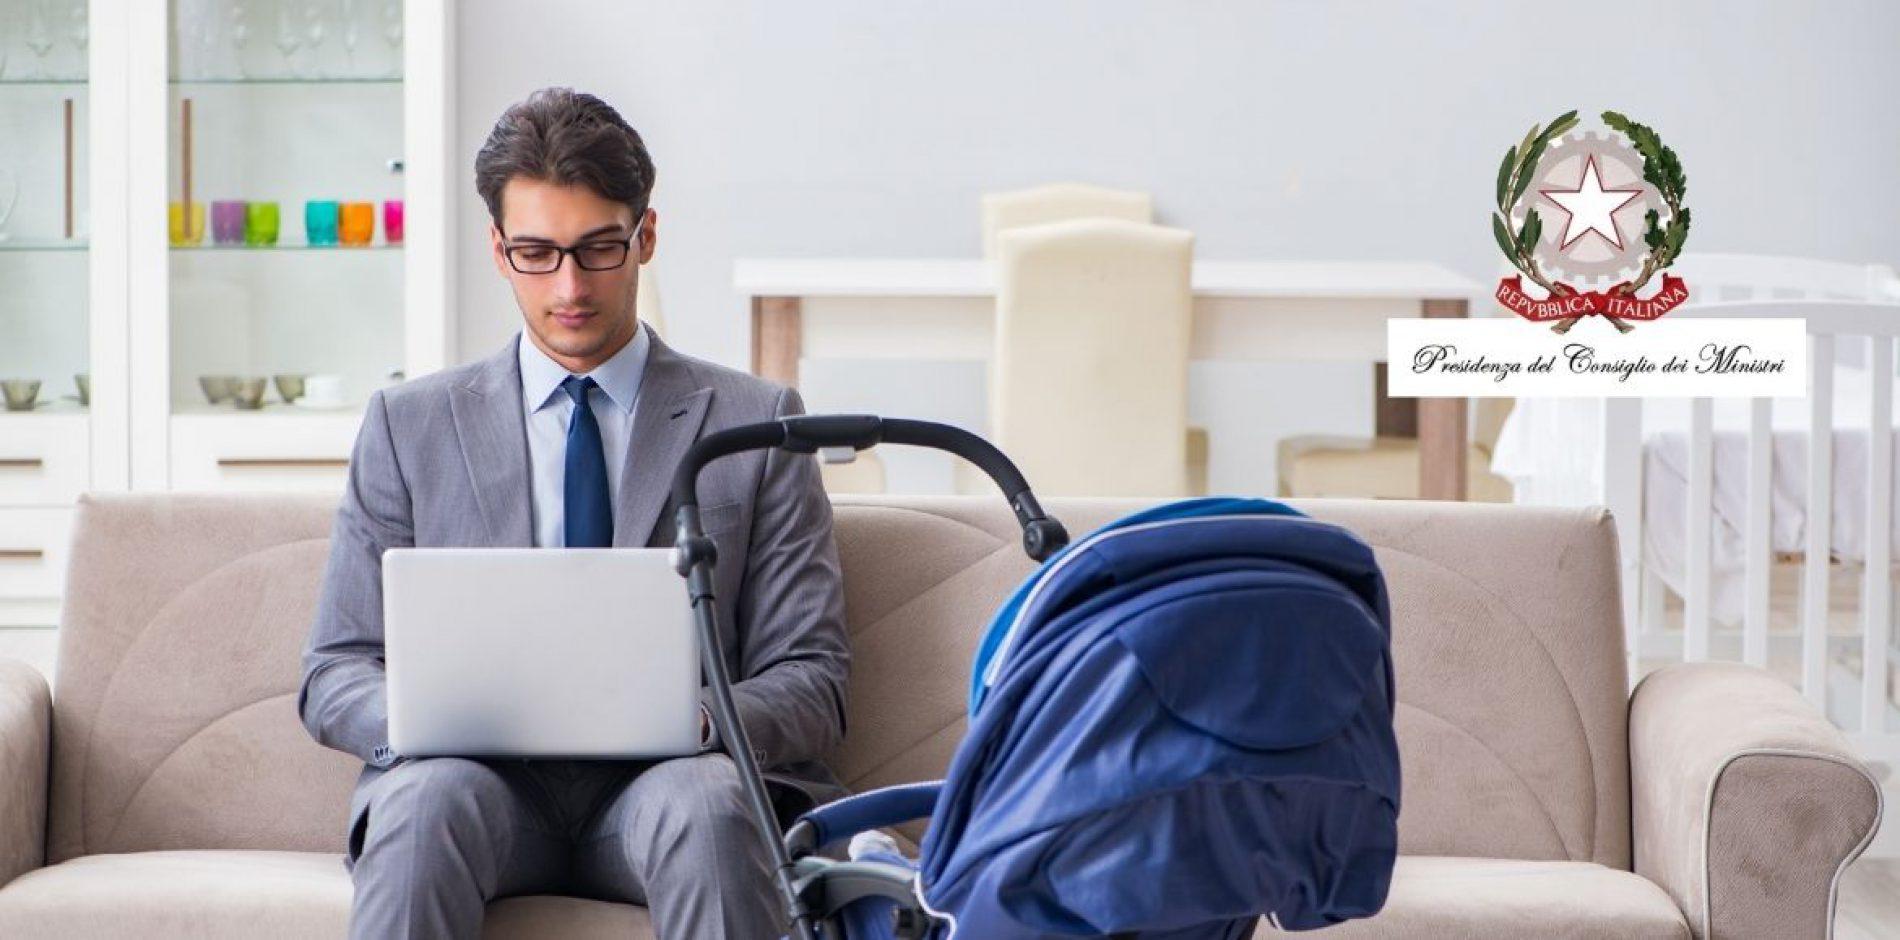 Smart working e congedi – Pubblicato il decreto legge n.111 sulla Gazzetta Ufficiale